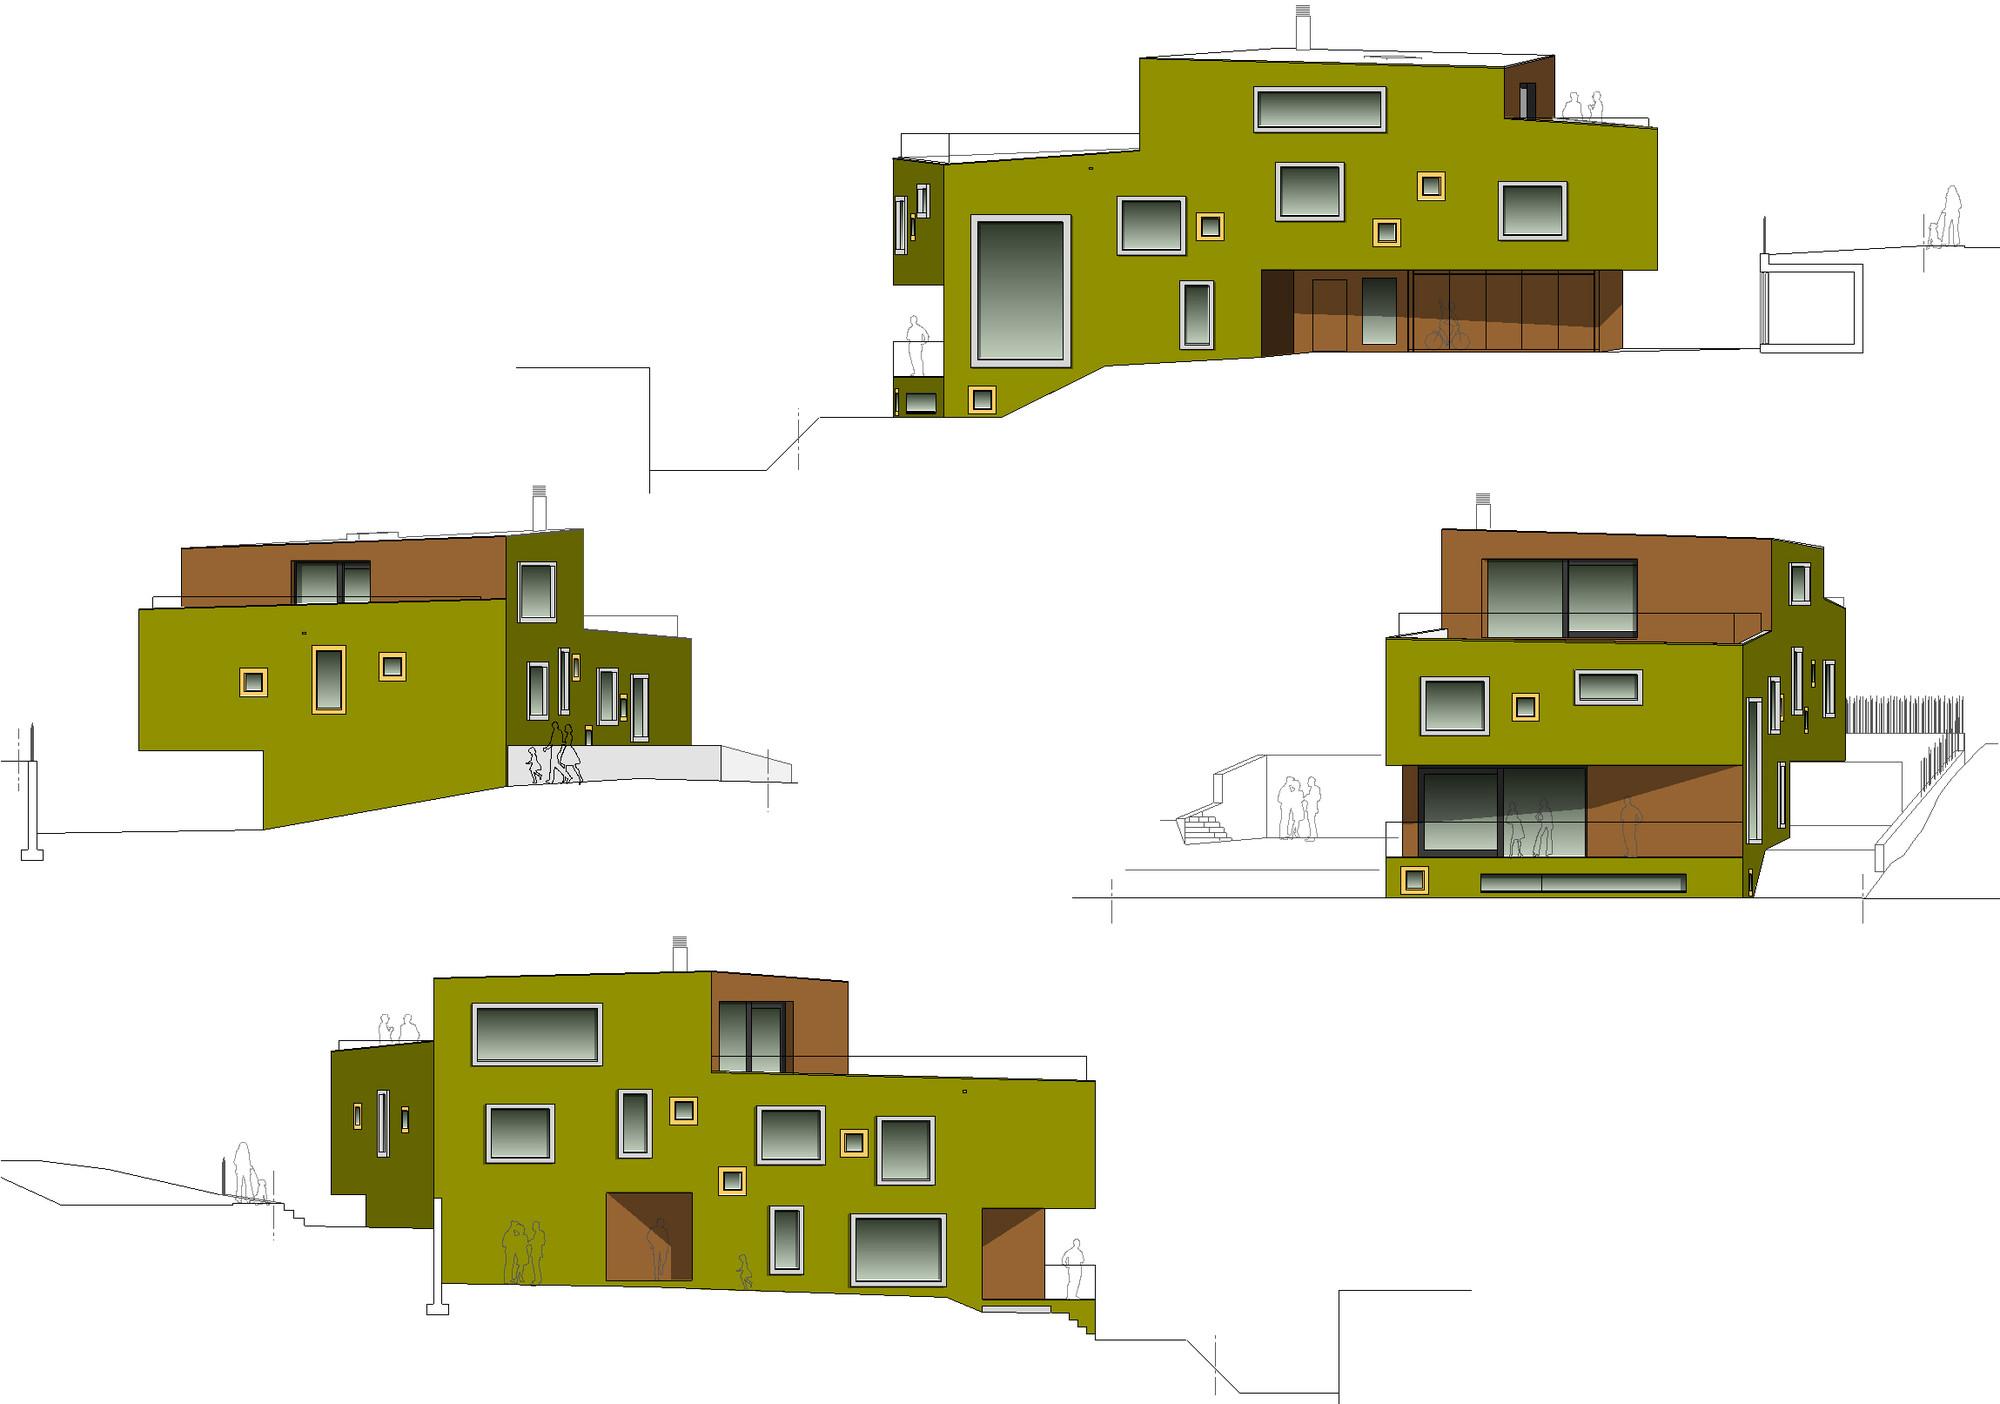 Chiêm ngưỡng mẫu nhà đẹp tối giản Duplexhouse tại Thụy Sĩ - 06